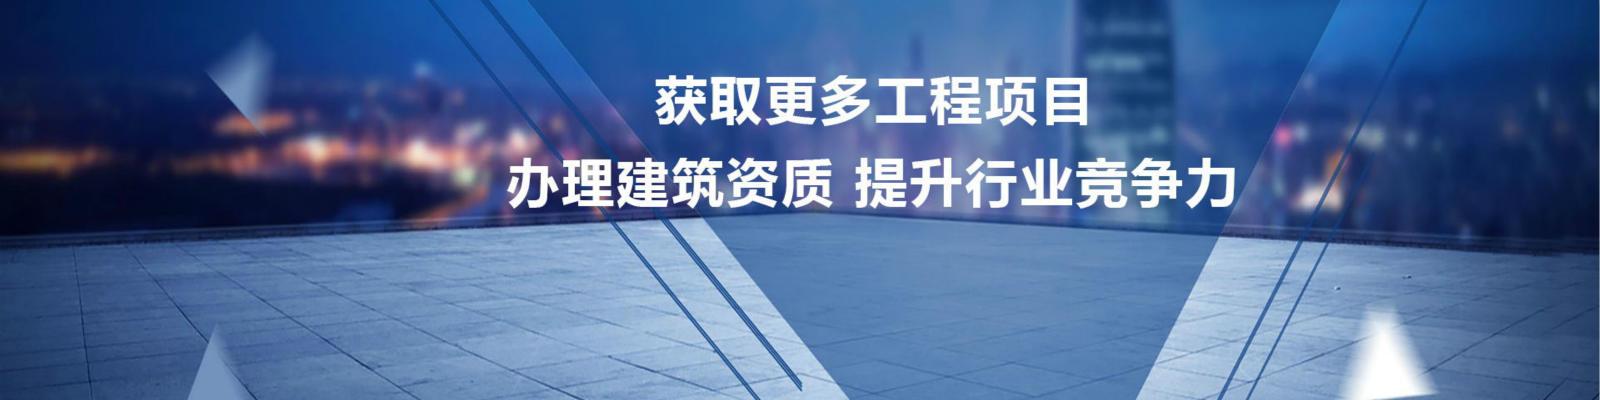 广西来亚企业管理咨询有限公司